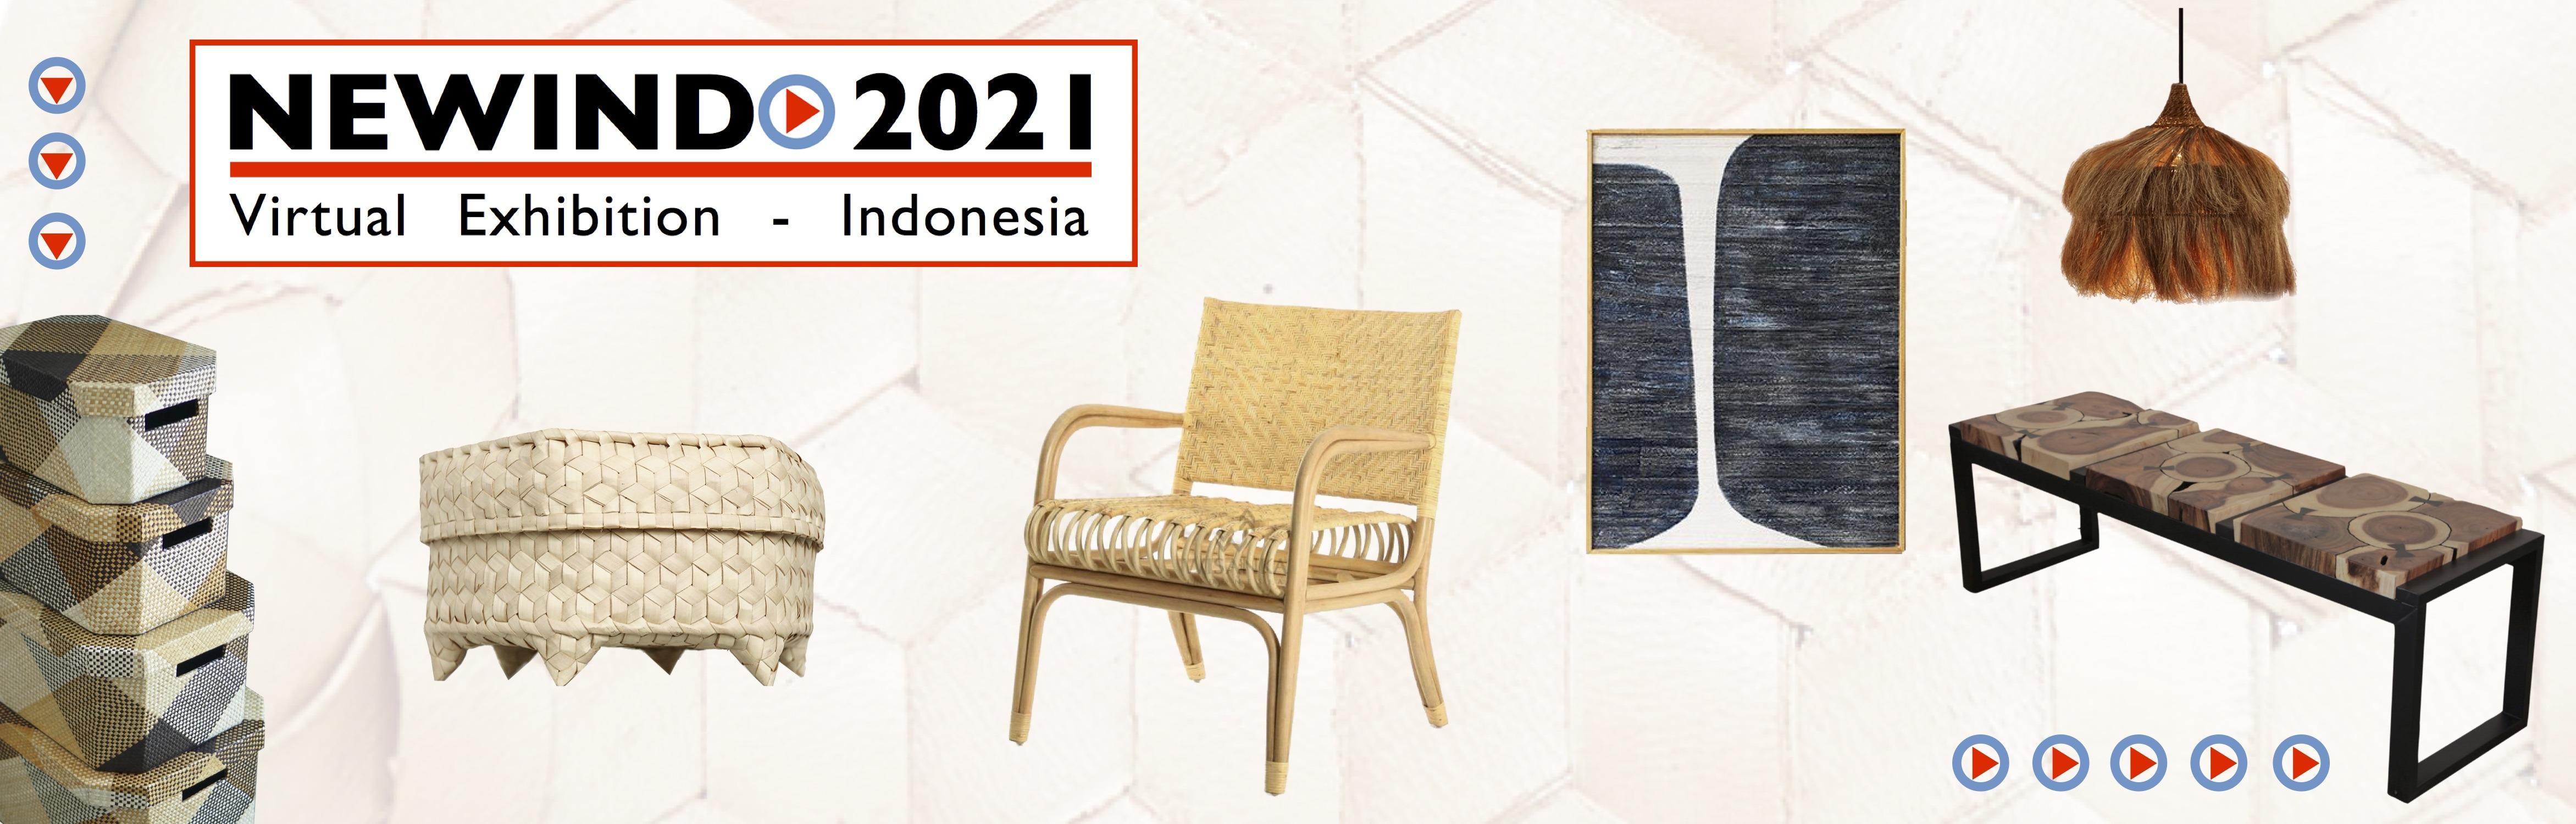 NEWINDO 2021 Banner